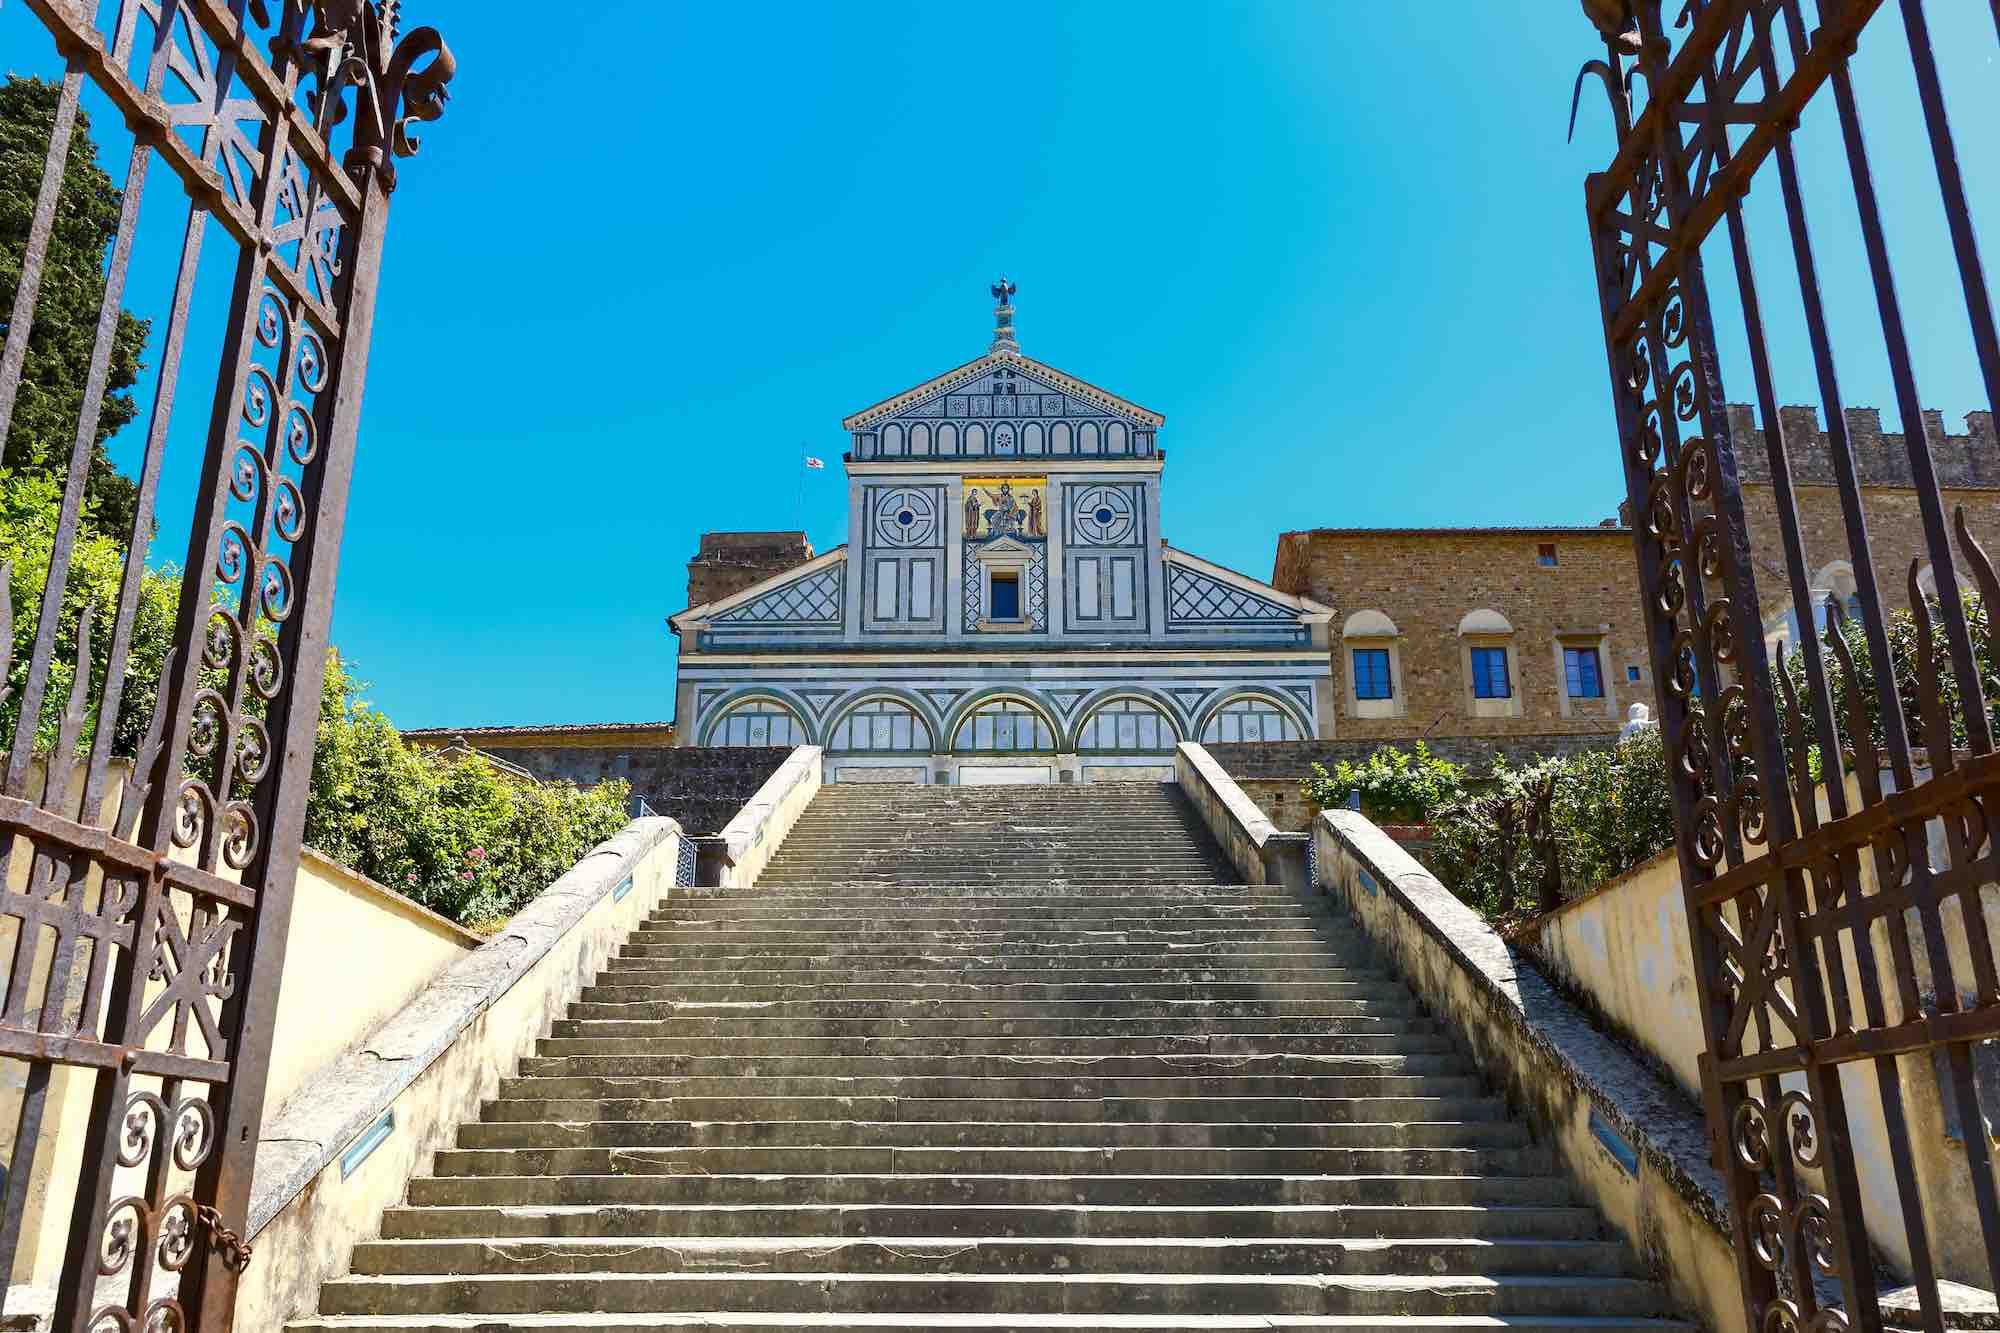 San Miniato al Monte fa parte degli itinerari della Firenze alchemica.